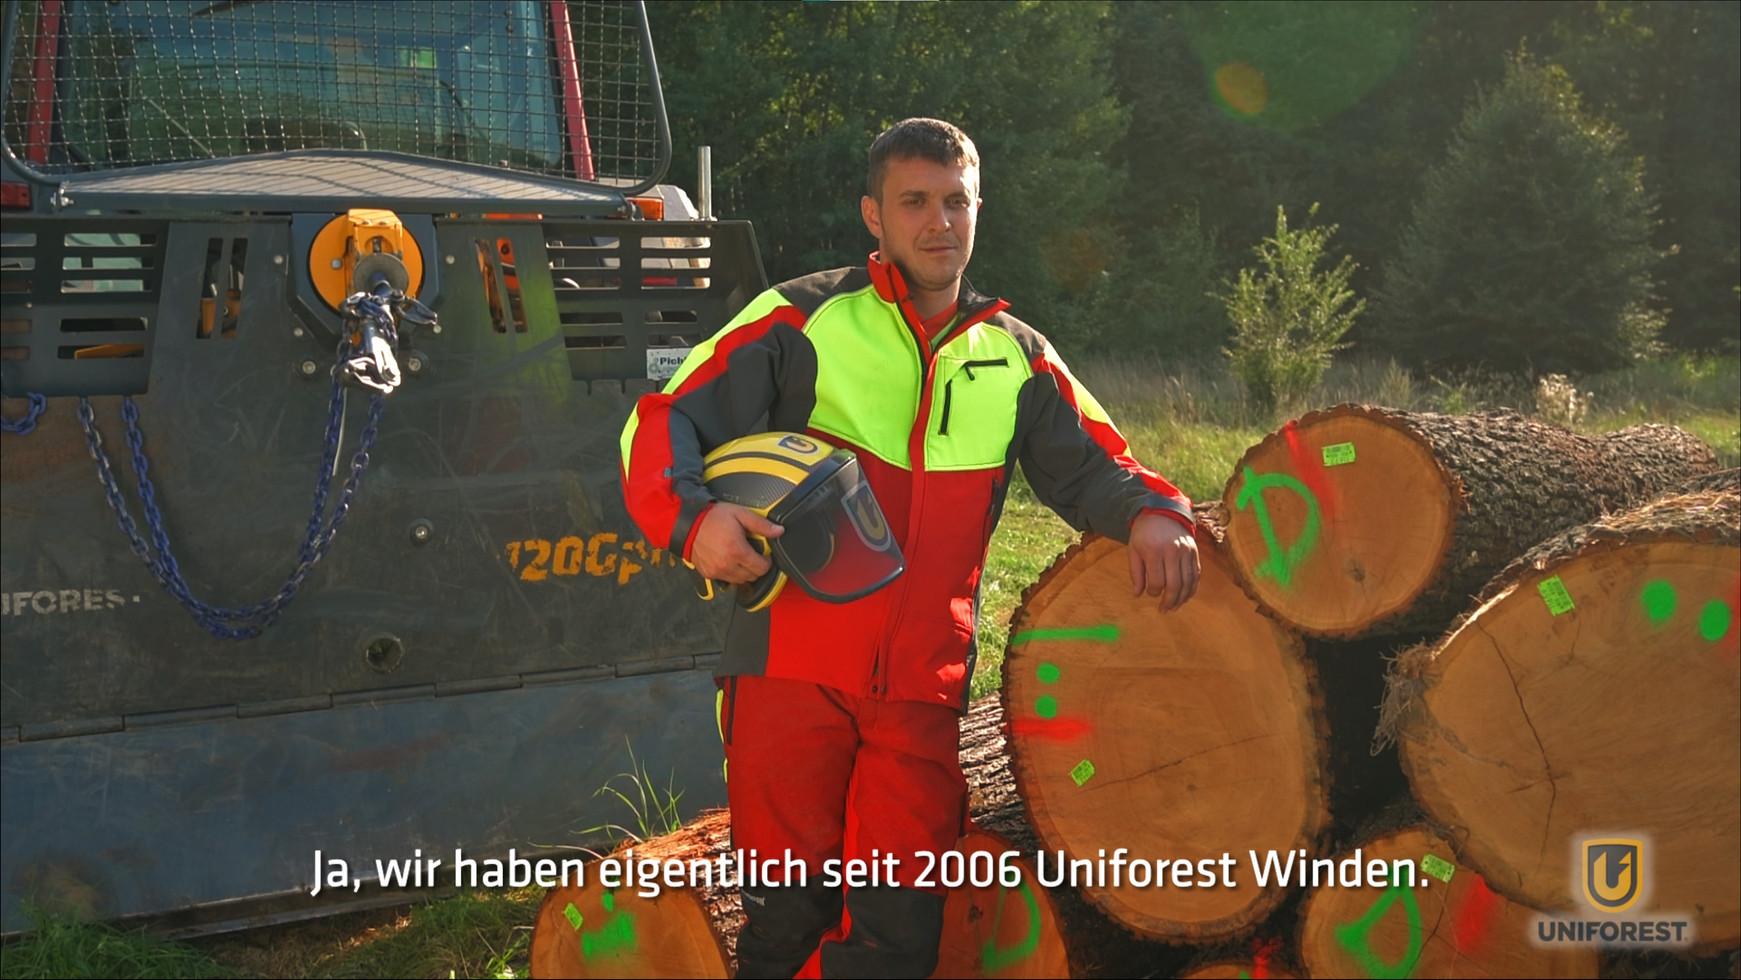 Testimonial video s podnapisi v 4 jezikih - nemščina